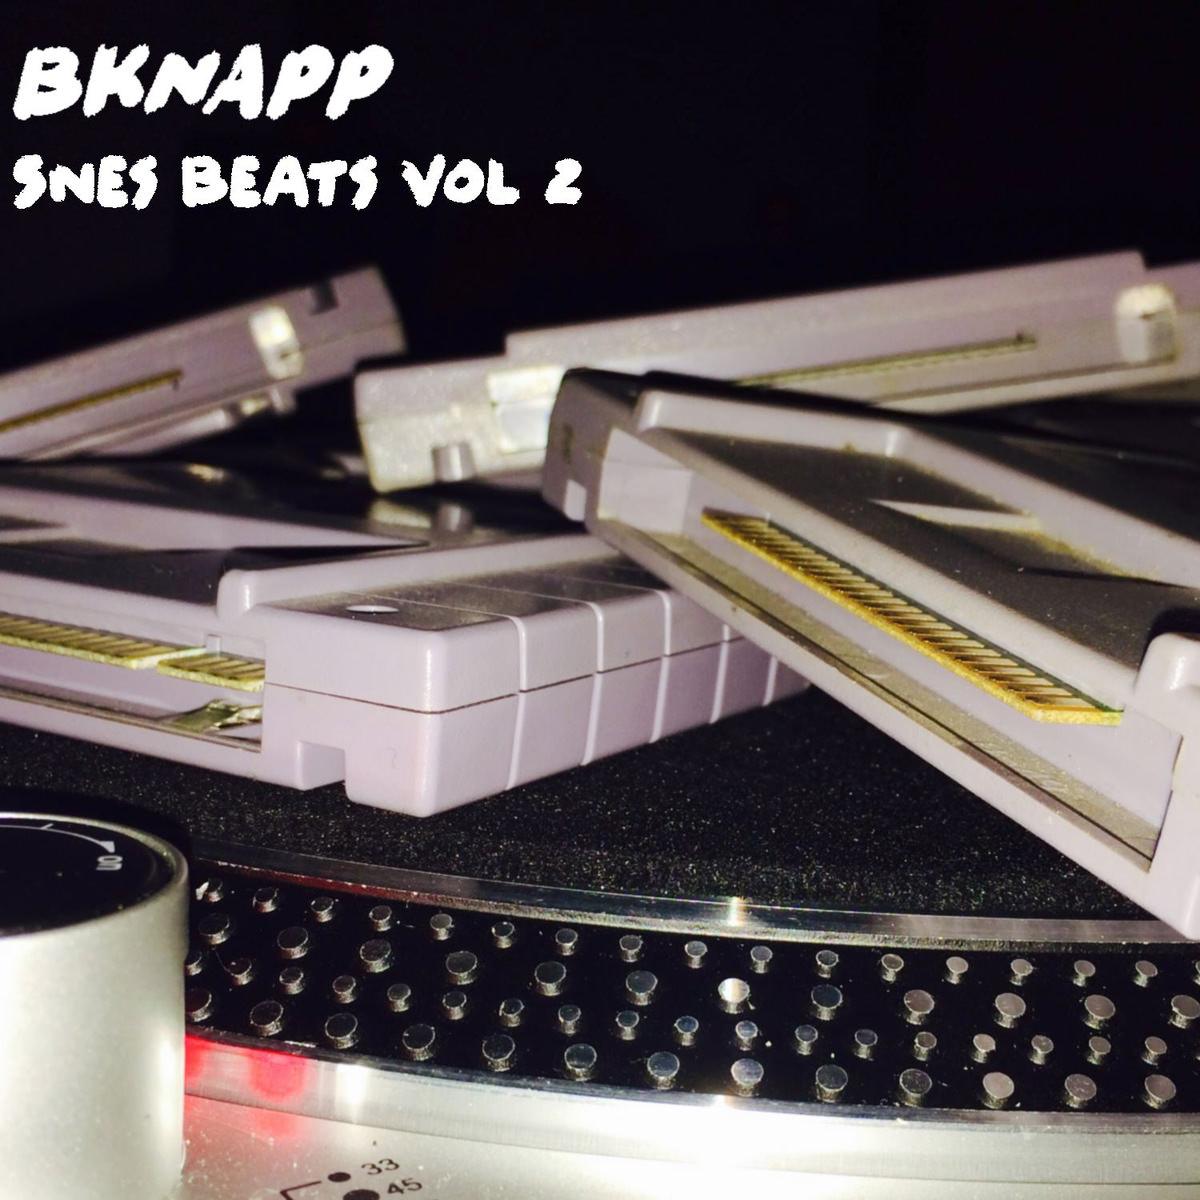 SNES-beats-Bknapp-video-game-hip-hop